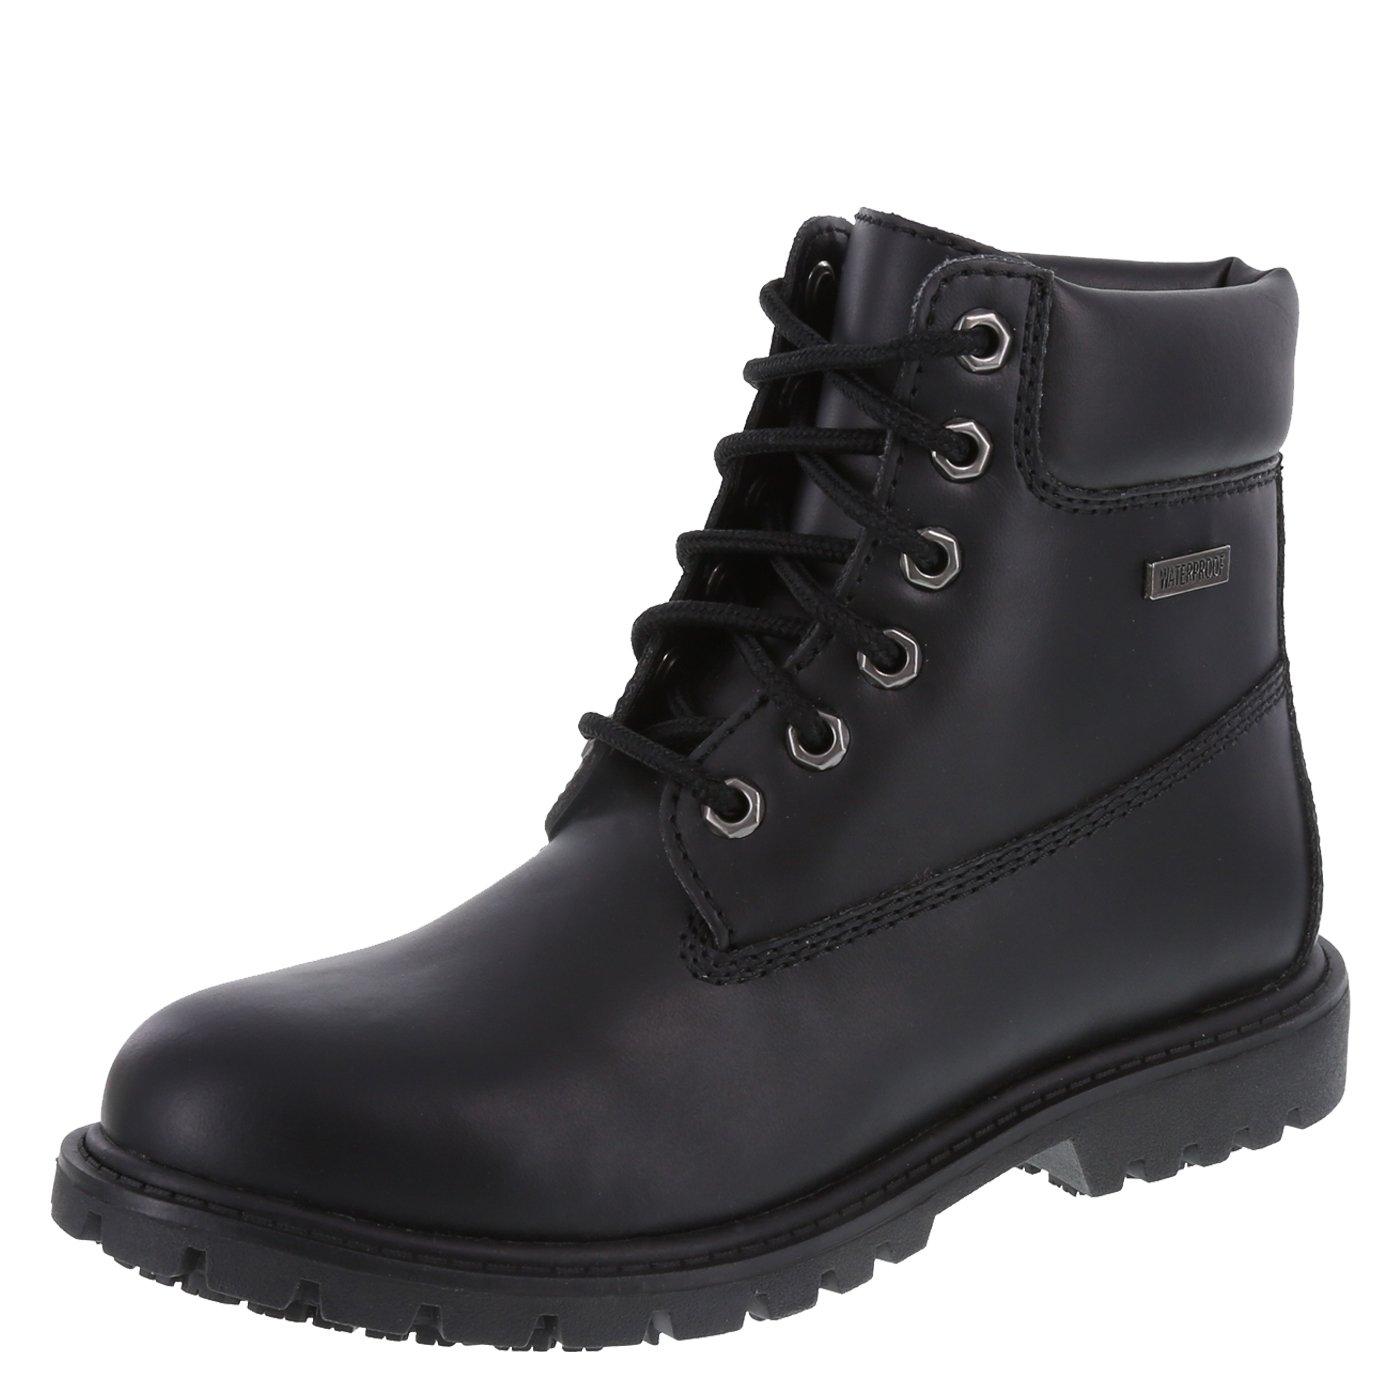 safeTstep Women's Black Slip-Resistant Antero Work Boot 6.5 Regular